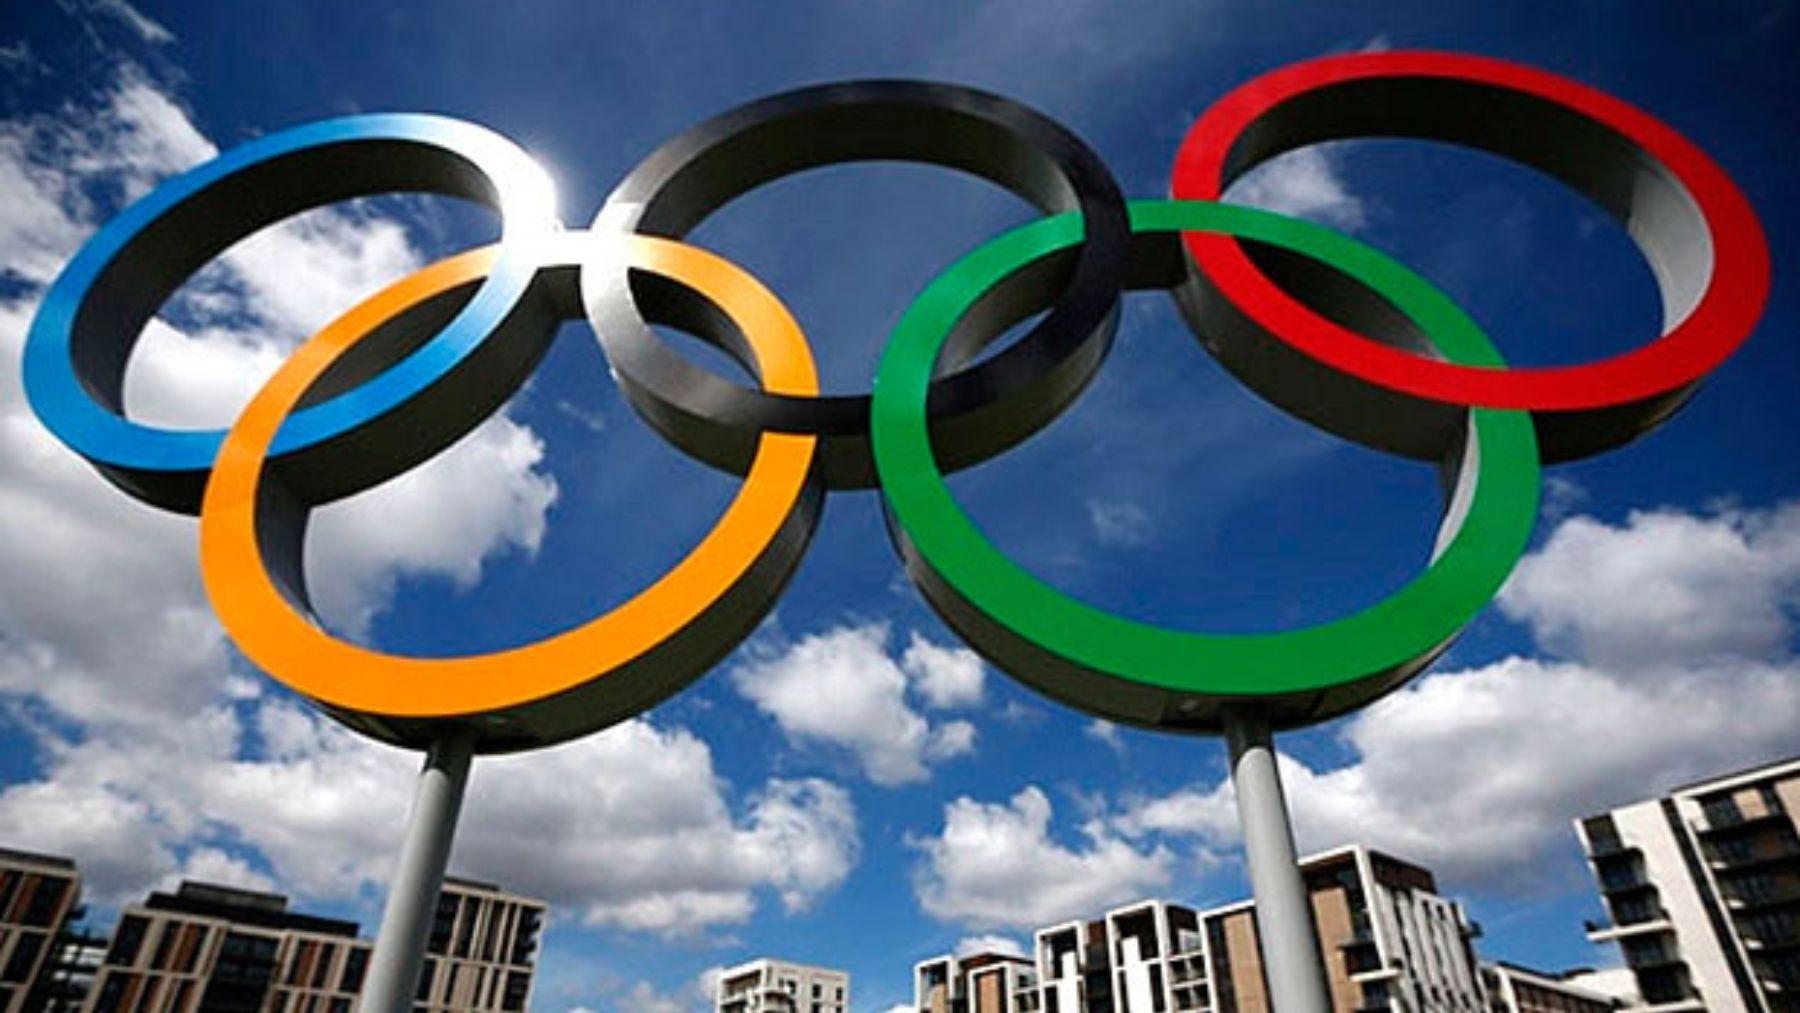 Los aros de los Juegos Olímpicos